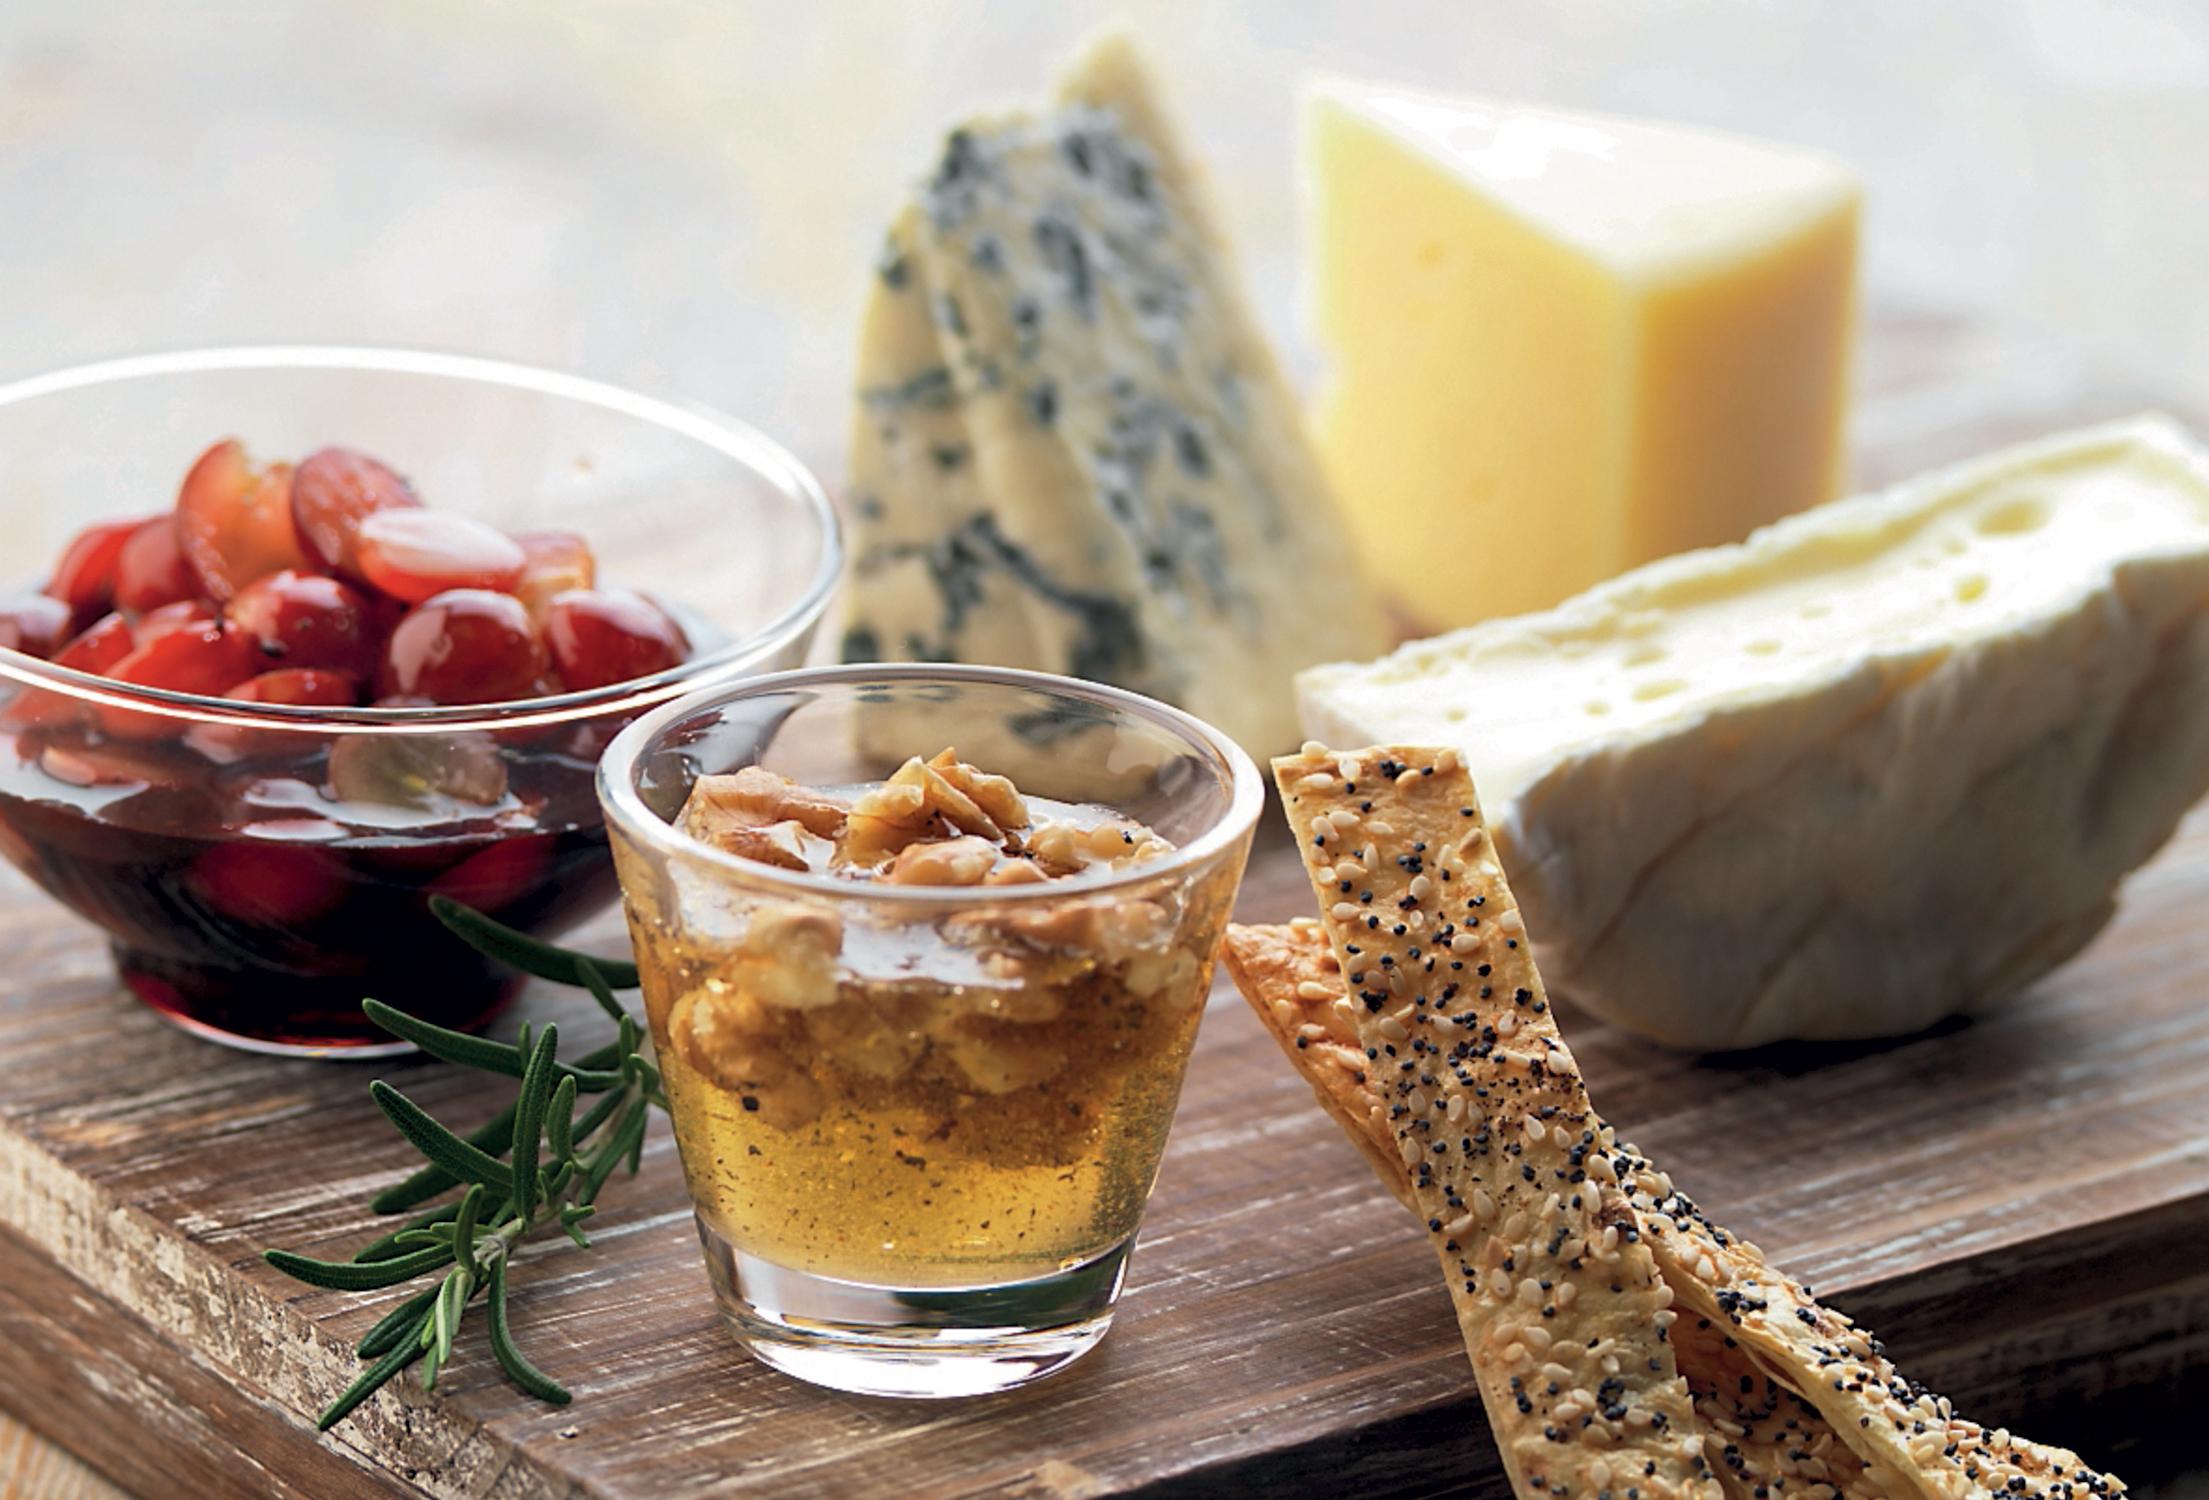 ostbricka med peppriga och smakfulla tillbehör | recept från santa maria